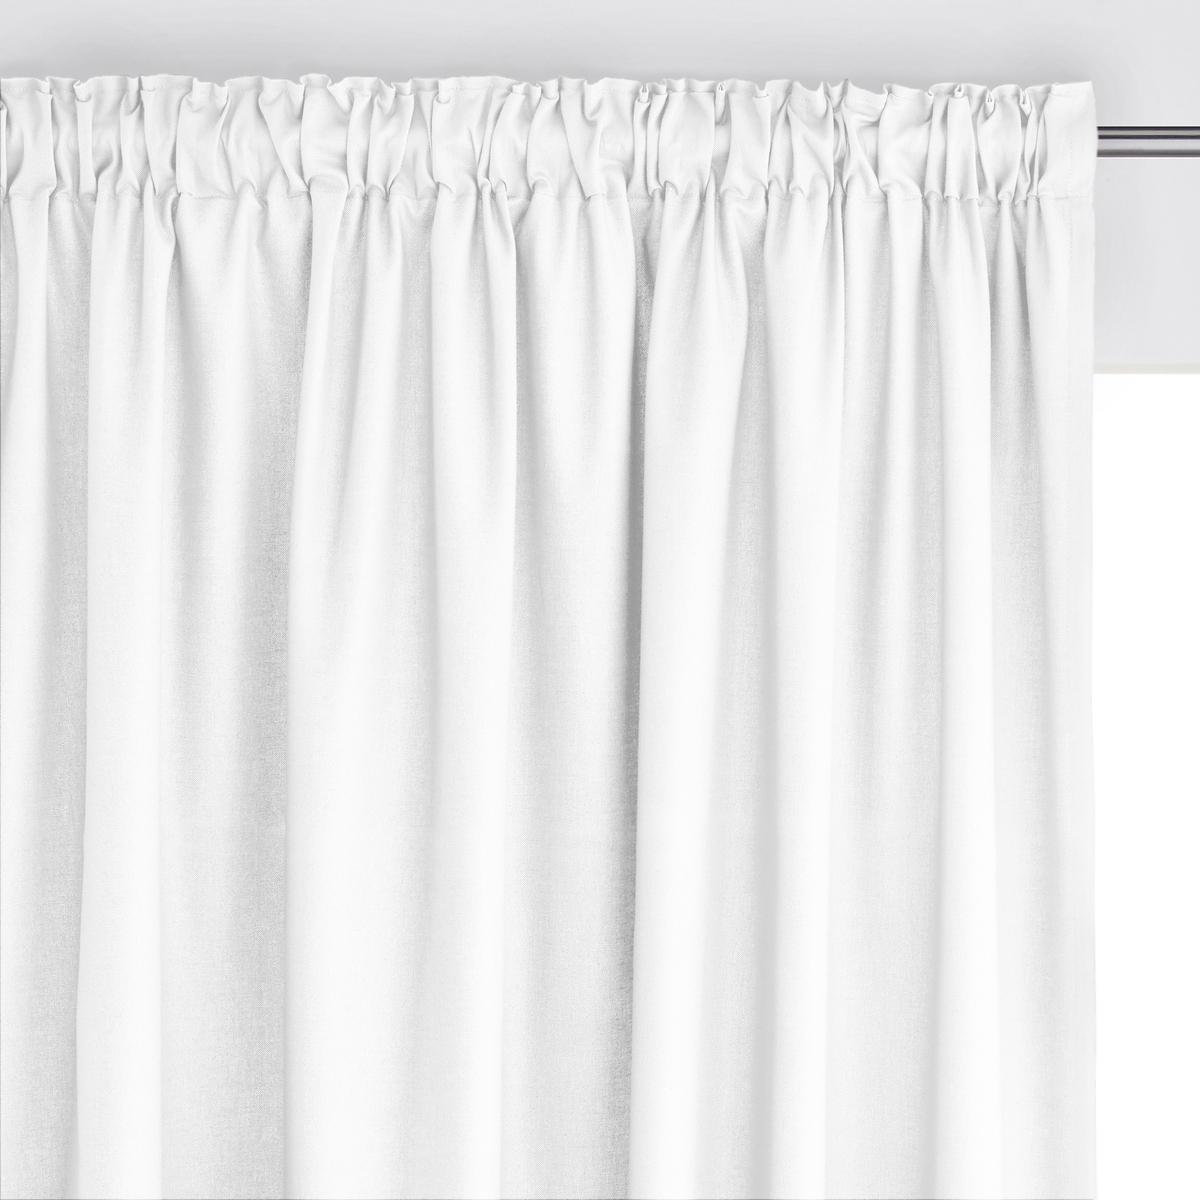 Штора 100% хлопка с отделкой тесьмойШтора из красивой и очень прочной ткани 100% хлопка (220г/м?) .               Отделка тесьмой со складками, низ с перекидным швом (продается с термоклейкой лентой для создание подрубленного края).Гамма штор сочетается с коллекцией декора SCENARIO  .Крючок для крепления в комплекте                            Машинная стирка при 40 °С. Отличная стойкость цветов при стирке и на свету .                                                                      Производство осуществляется с учетом стандартов по защите окружающей среды и здоровья человека, что подтверждено сертификатом Oeko-tex®.<br><br>Цвет: белый,вишневый,медовый,темно-синий<br>Размер: 260 x 135 см.260 x 135 см.180 x 135  см.180 x 135  см.350 x 135  см.180 x 135  см